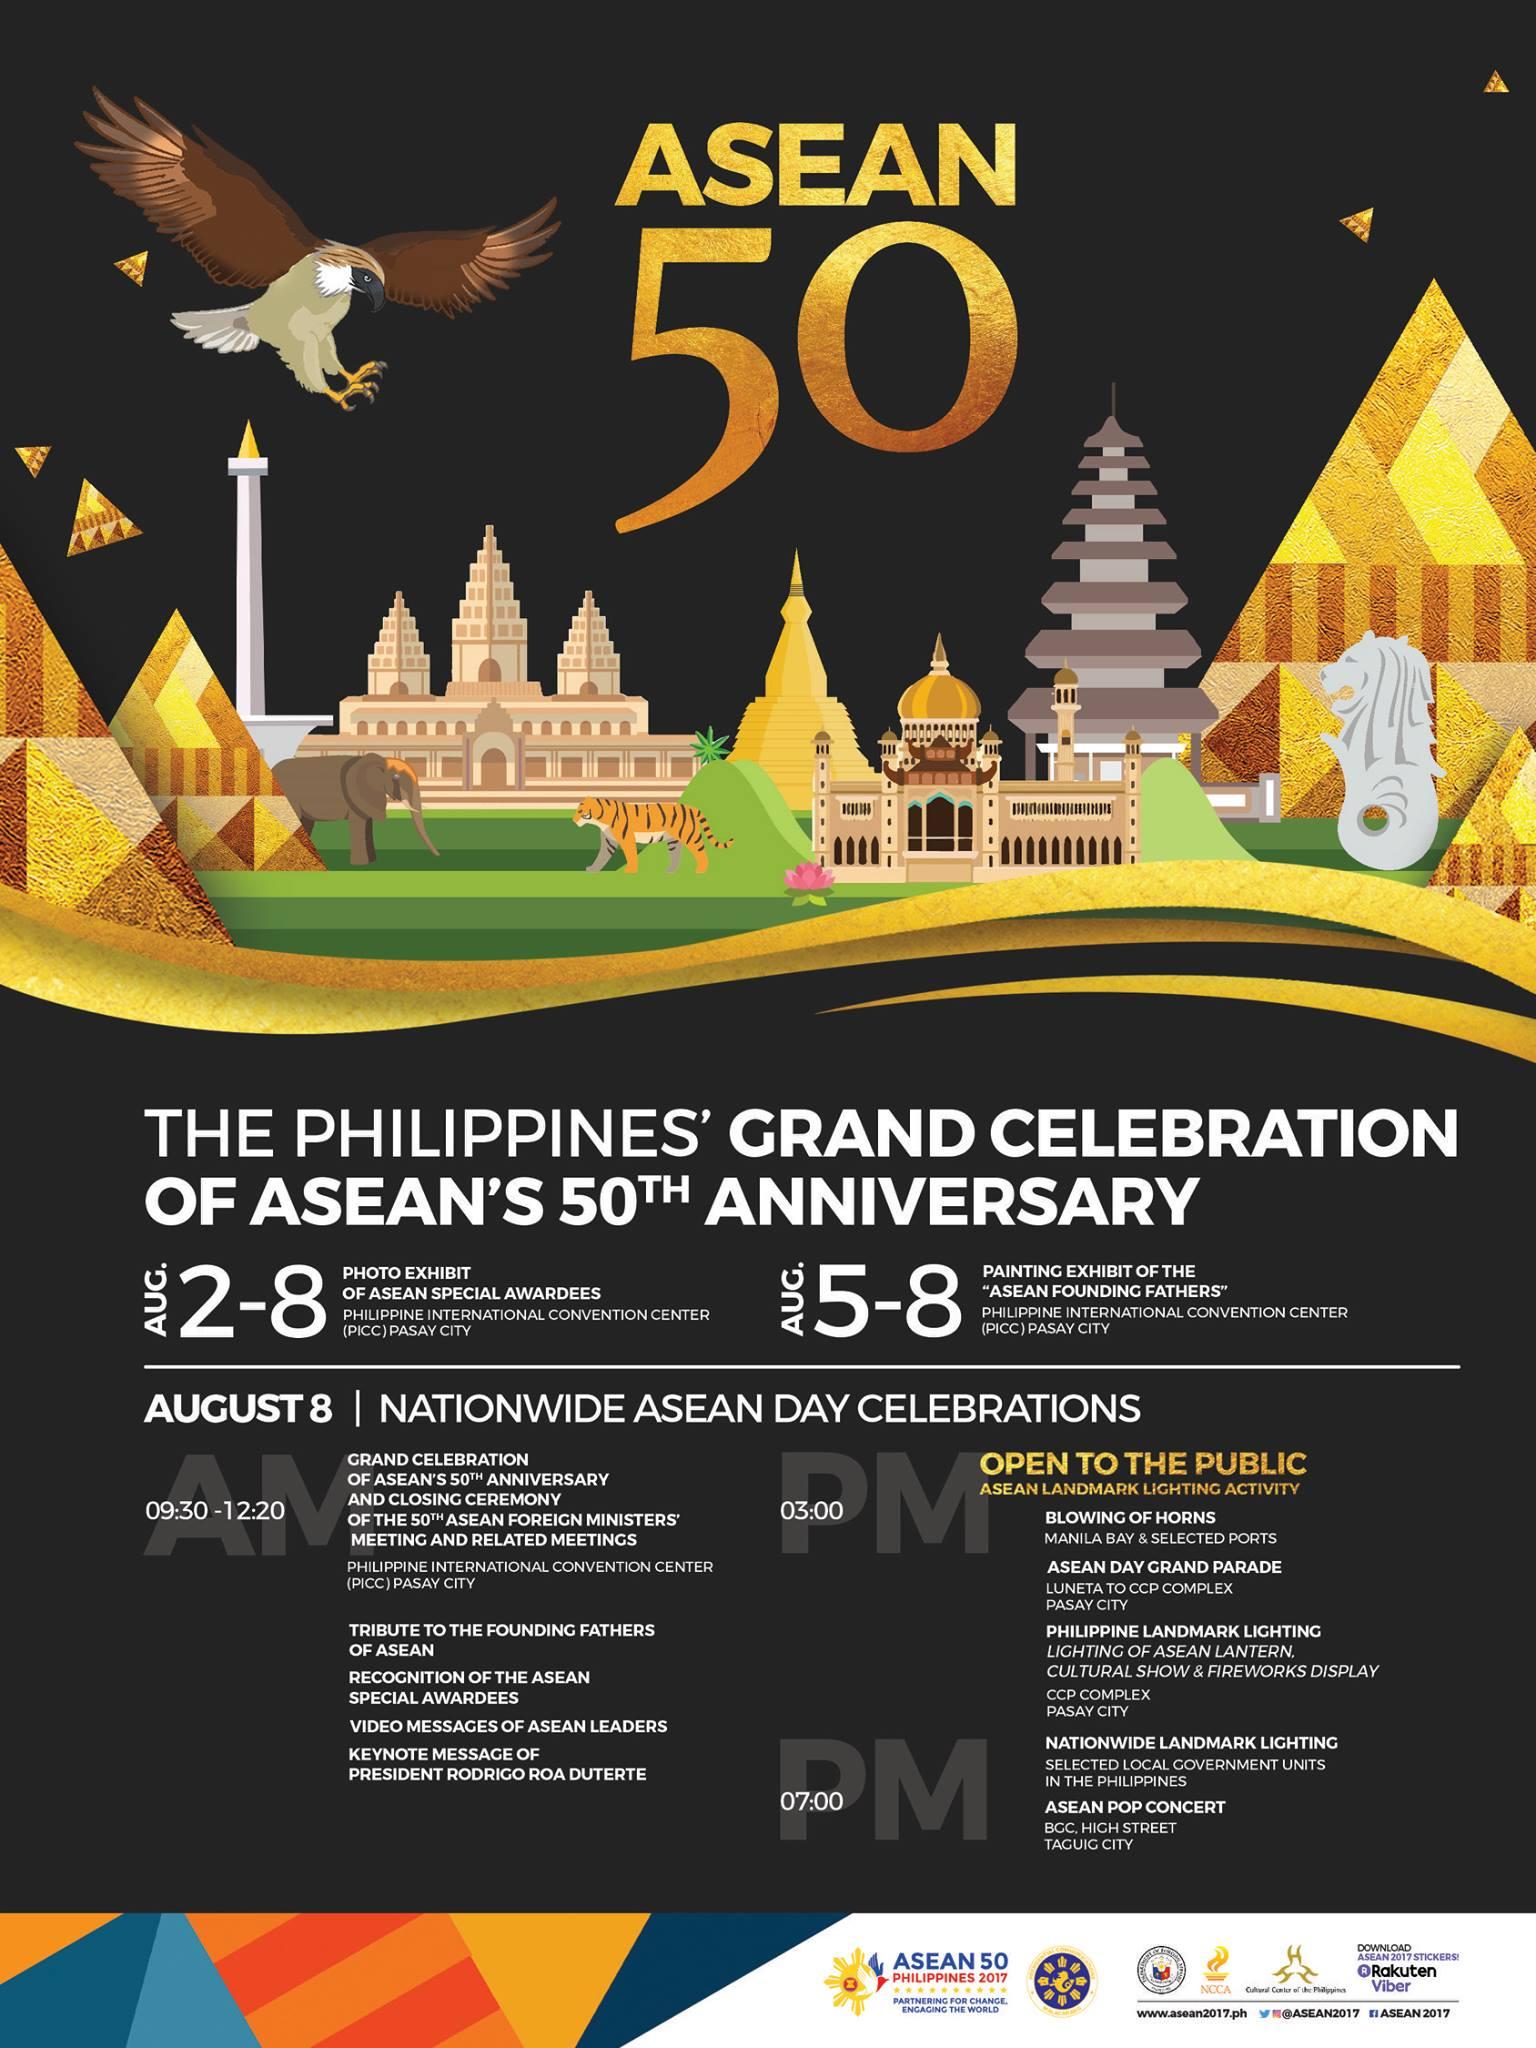 asean 50 activities